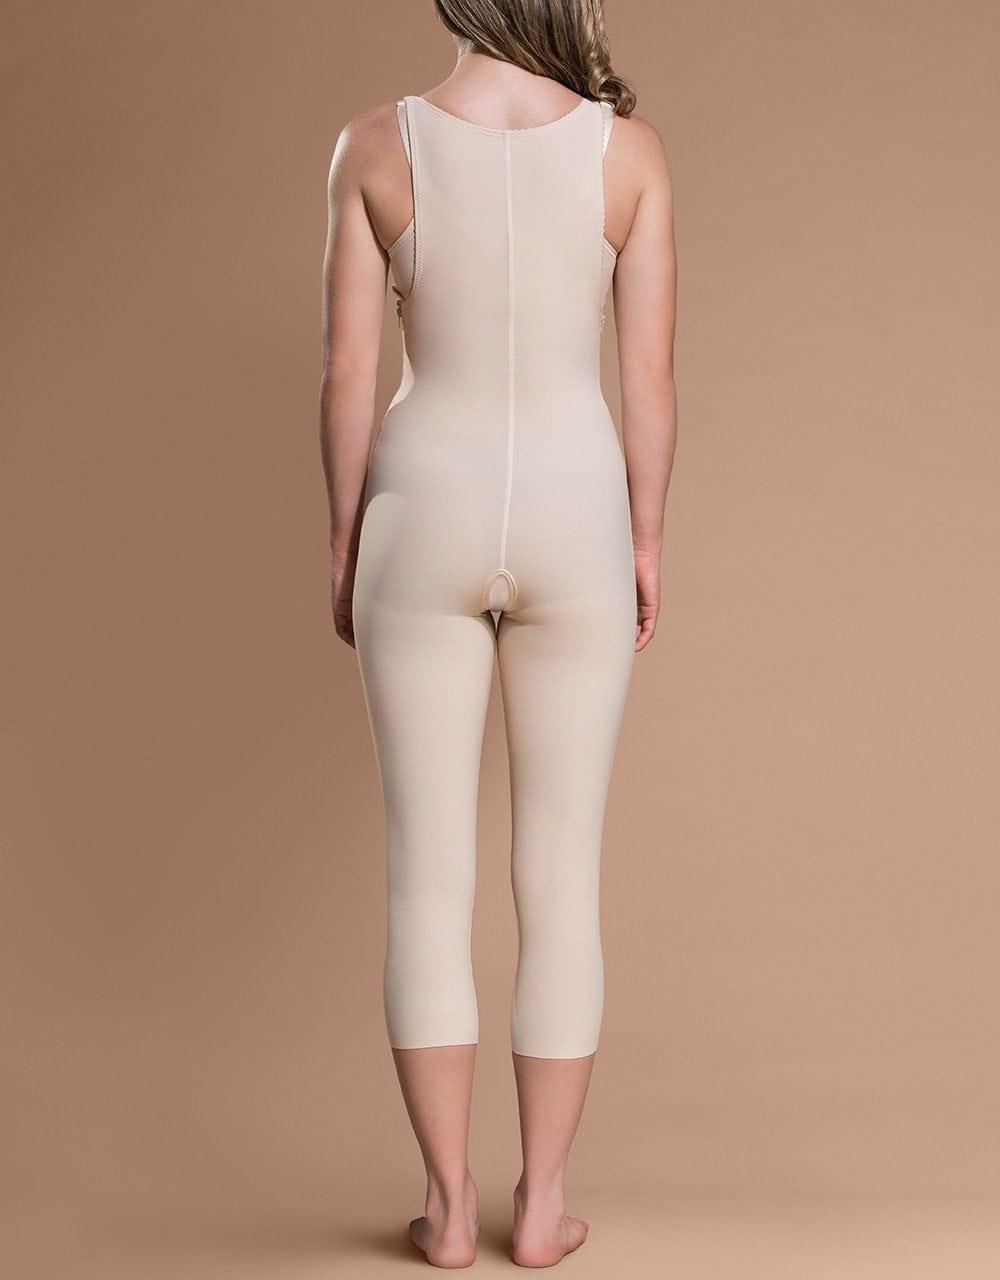 5a859c7ae5 Marena Capri-Length Bodysuit with Suspenders (FBM) - Australia s ...